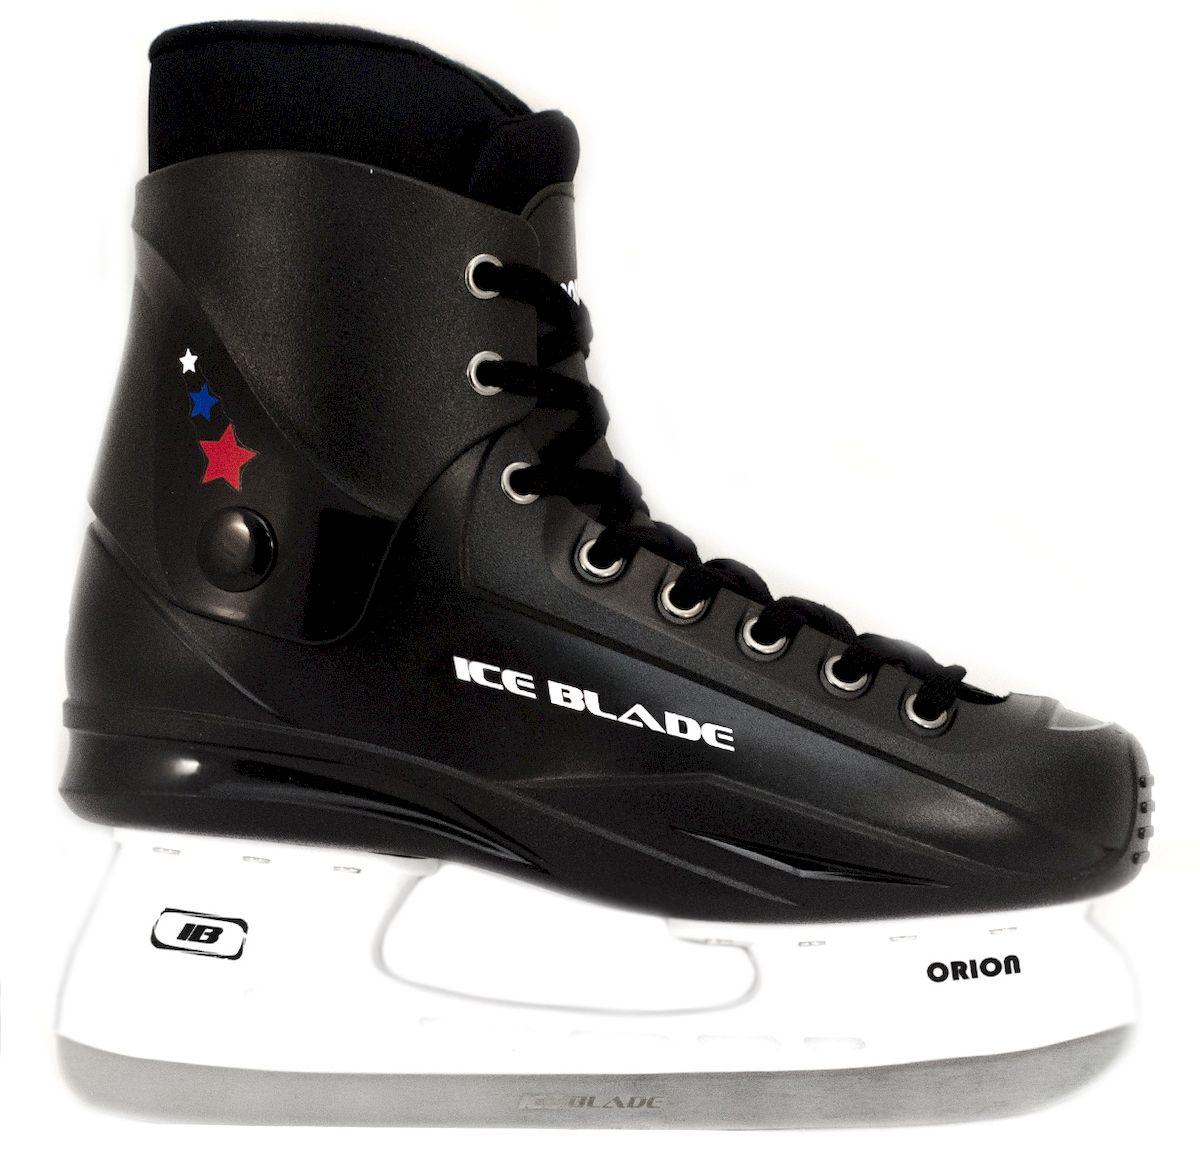 Коньки хоккейные Ice Blade Orion, цвет: черный. УТ-00004984. Размер 41УТ-00004984Коньки хоккейные Ice Blade Orion - это хоккейные коньки для любых возрастов. Конструкция прекрасно защищает стопу, очень комфортна для активного катания, а также позволяет играть в хоккей. Легкий ботинок очень комфортный как для простого катания на льду, так и для любительского хоккея. Ботинок выполнен из высококачественного морозостойкого пластика и нейлоновой сетки. Внутренний сапожок утеплен мягким и дышащим вельветом, а язычок усилен специальной вставкой для большей безопасности стопы. Лезвие изготовлено из высокоуглеродистой стали, что гарантирует прочность и долговечность.Удобная система фиксации ноги и улучшенная колодка сделают катание комфортным и безопасным.